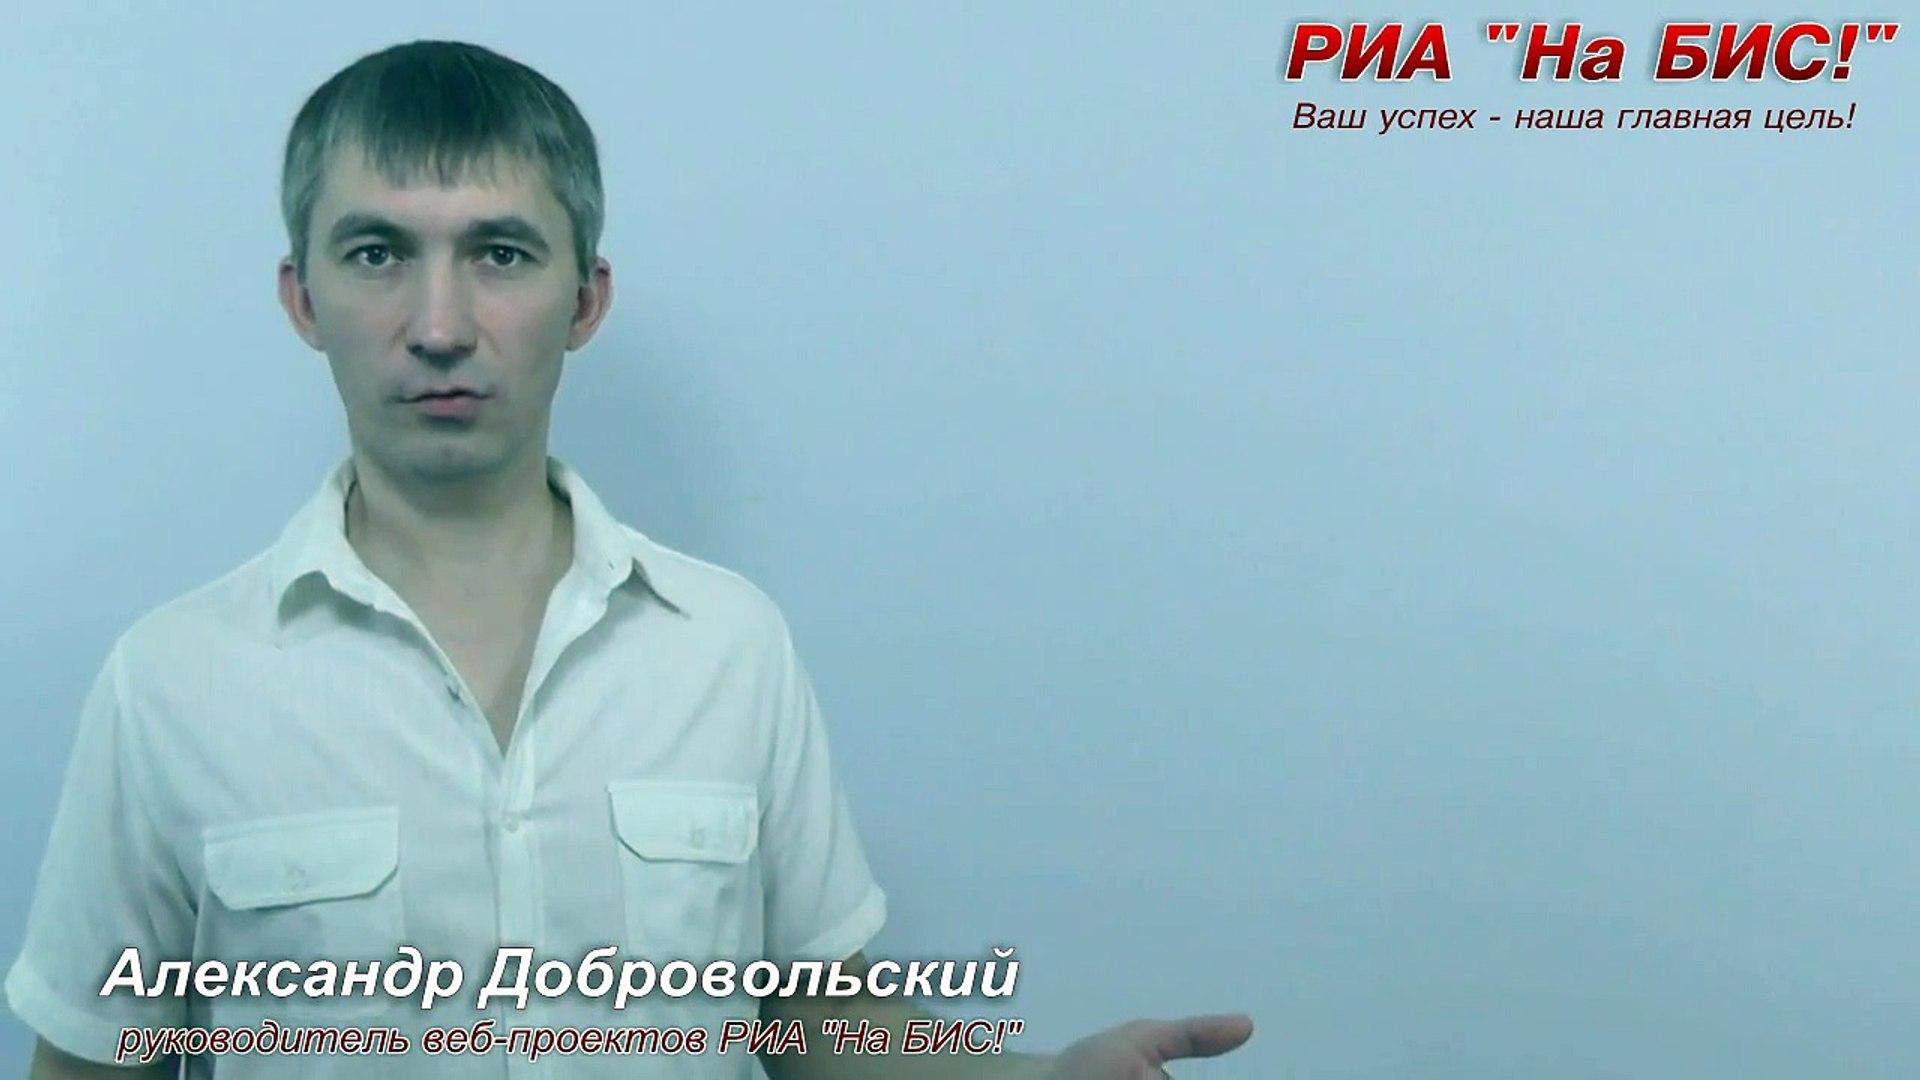 Александр Добровольский: Видеоканал. Зачем он нужен? (РИА